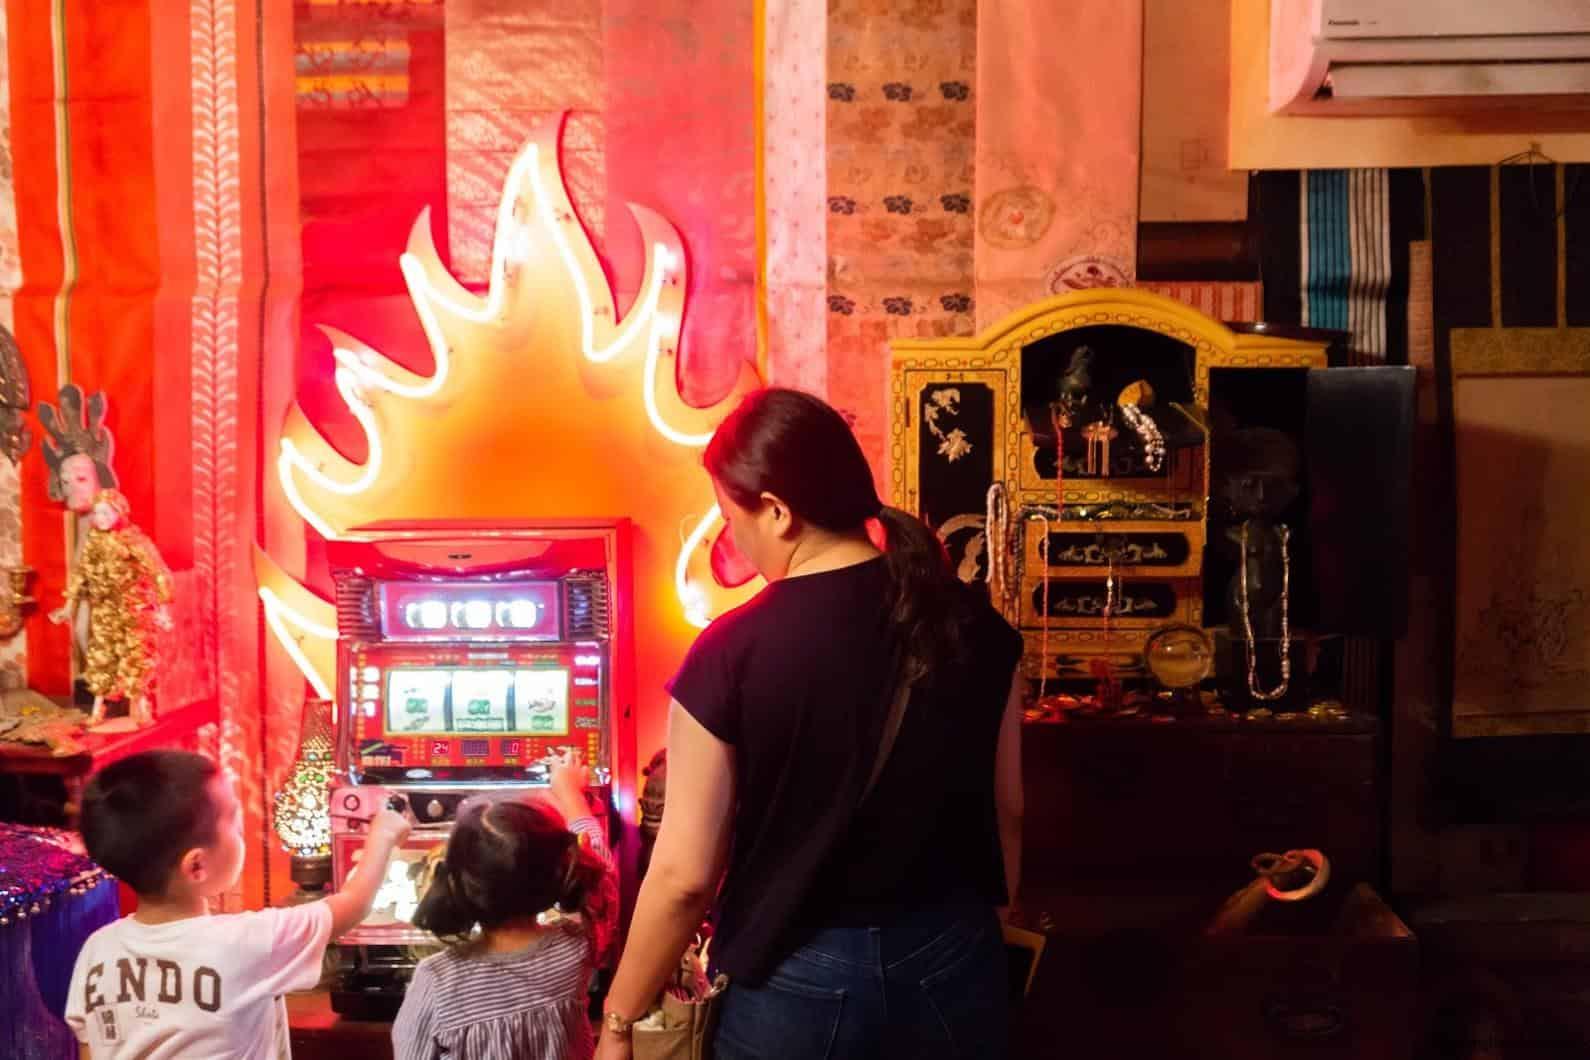 豊福亮,黃金遊戲場,違和的錯亂彷彿進入另一個異次元空間;遊樂場必備遊戲機台 黃金遊戲場 黃金遊戲場 golden playroom 12